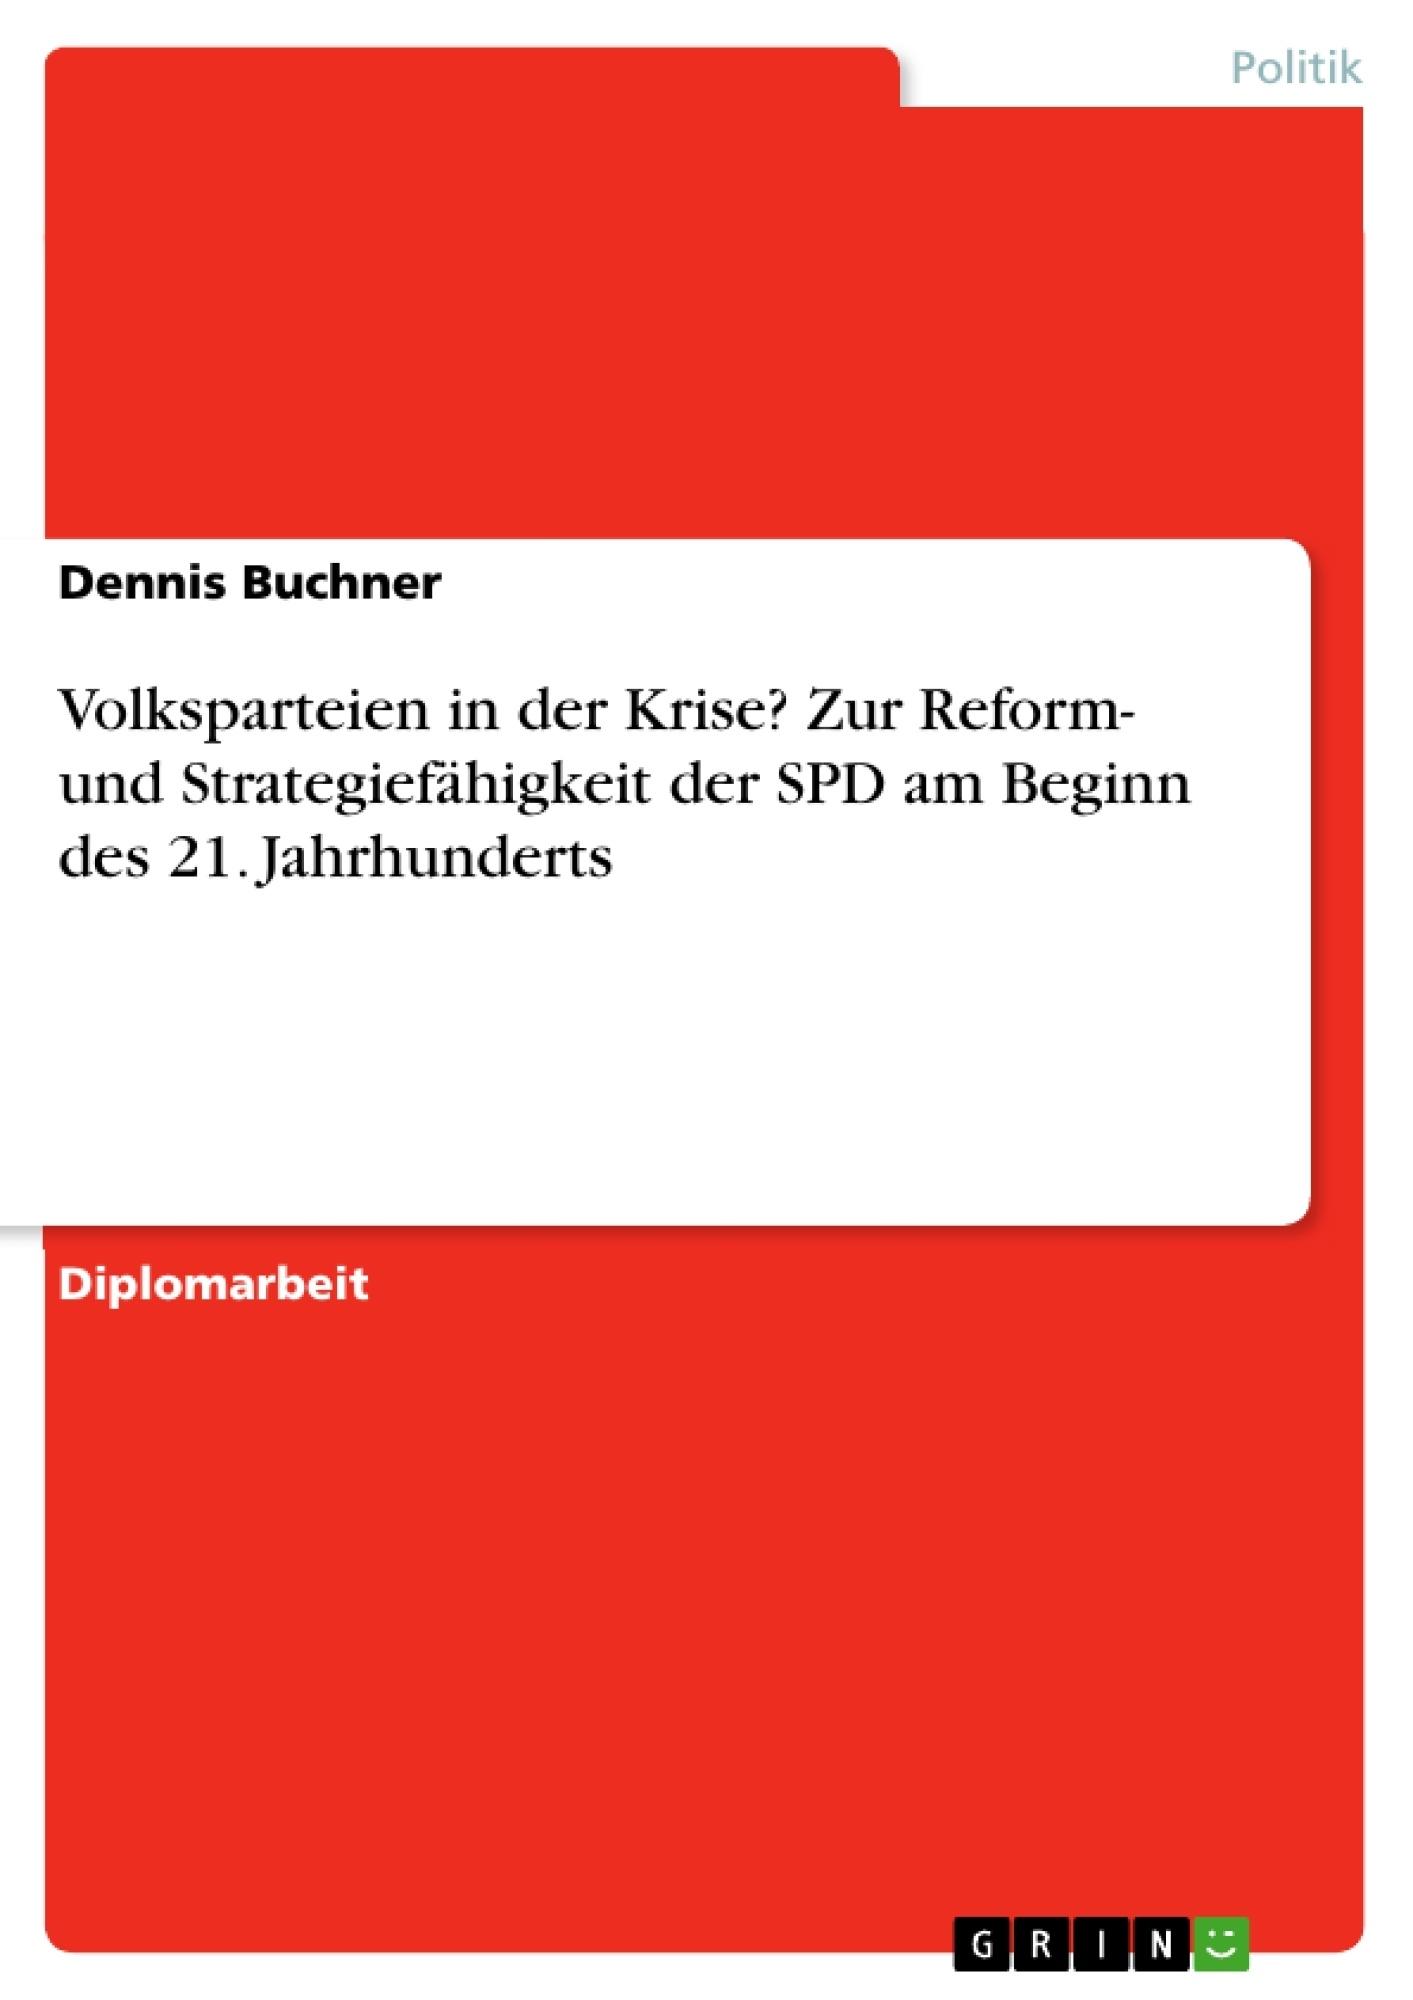 Titel: Volksparteien in der Krise? Zur Reform- und Strategiefähigkeit der SPD am Beginn des 21. Jahrhunderts